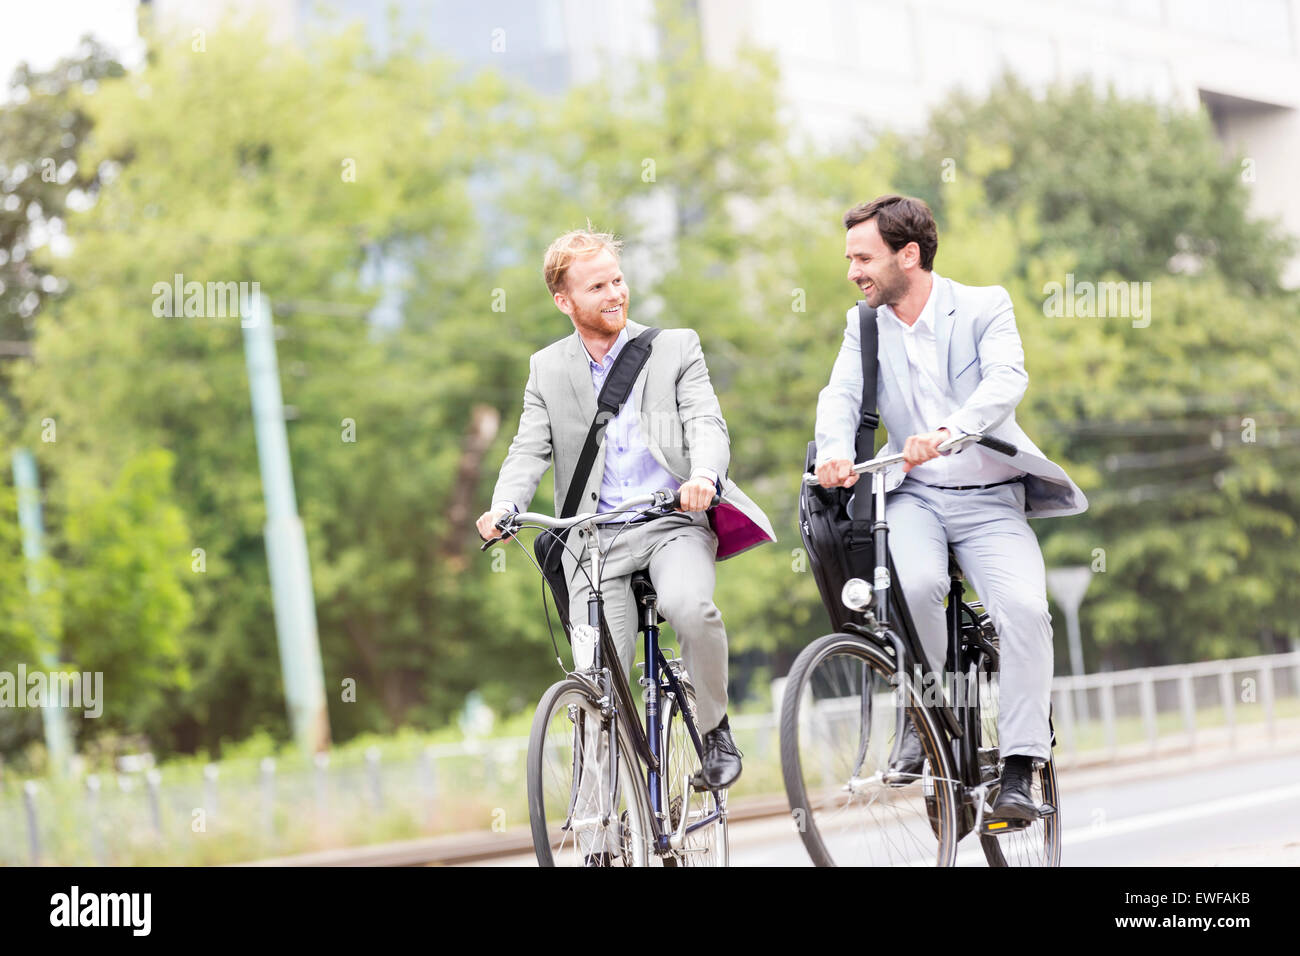 Los empresarios hablando mientras el ciclismo al aire libre Foto de stock